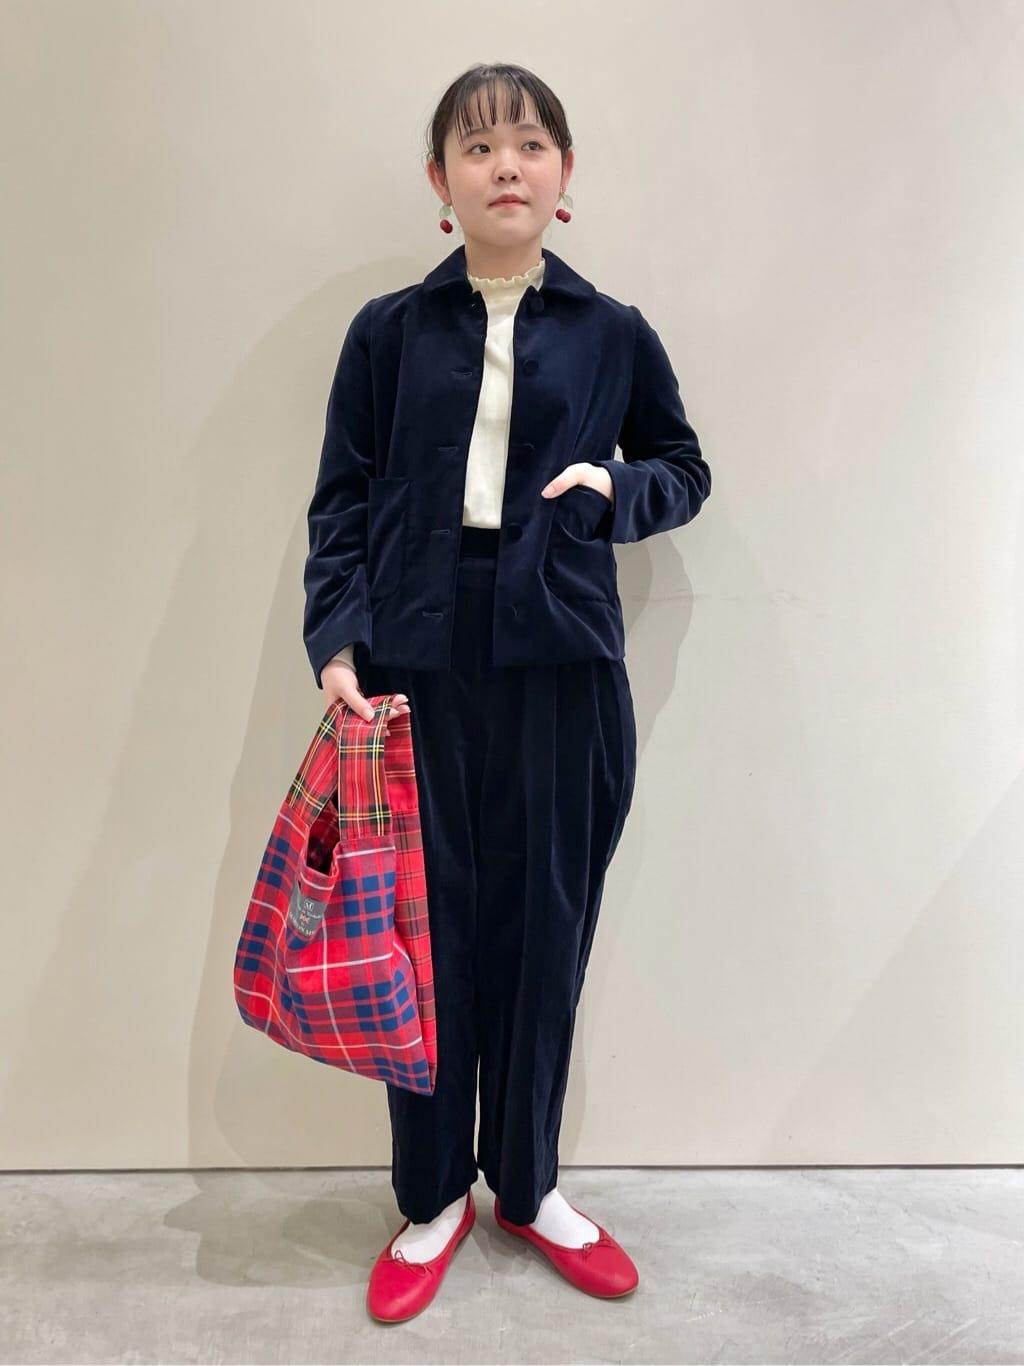 - CHILD WOMAN CHILD WOMAN , PAR ICI 新宿ミロード 身長:160cm 2021.10.06